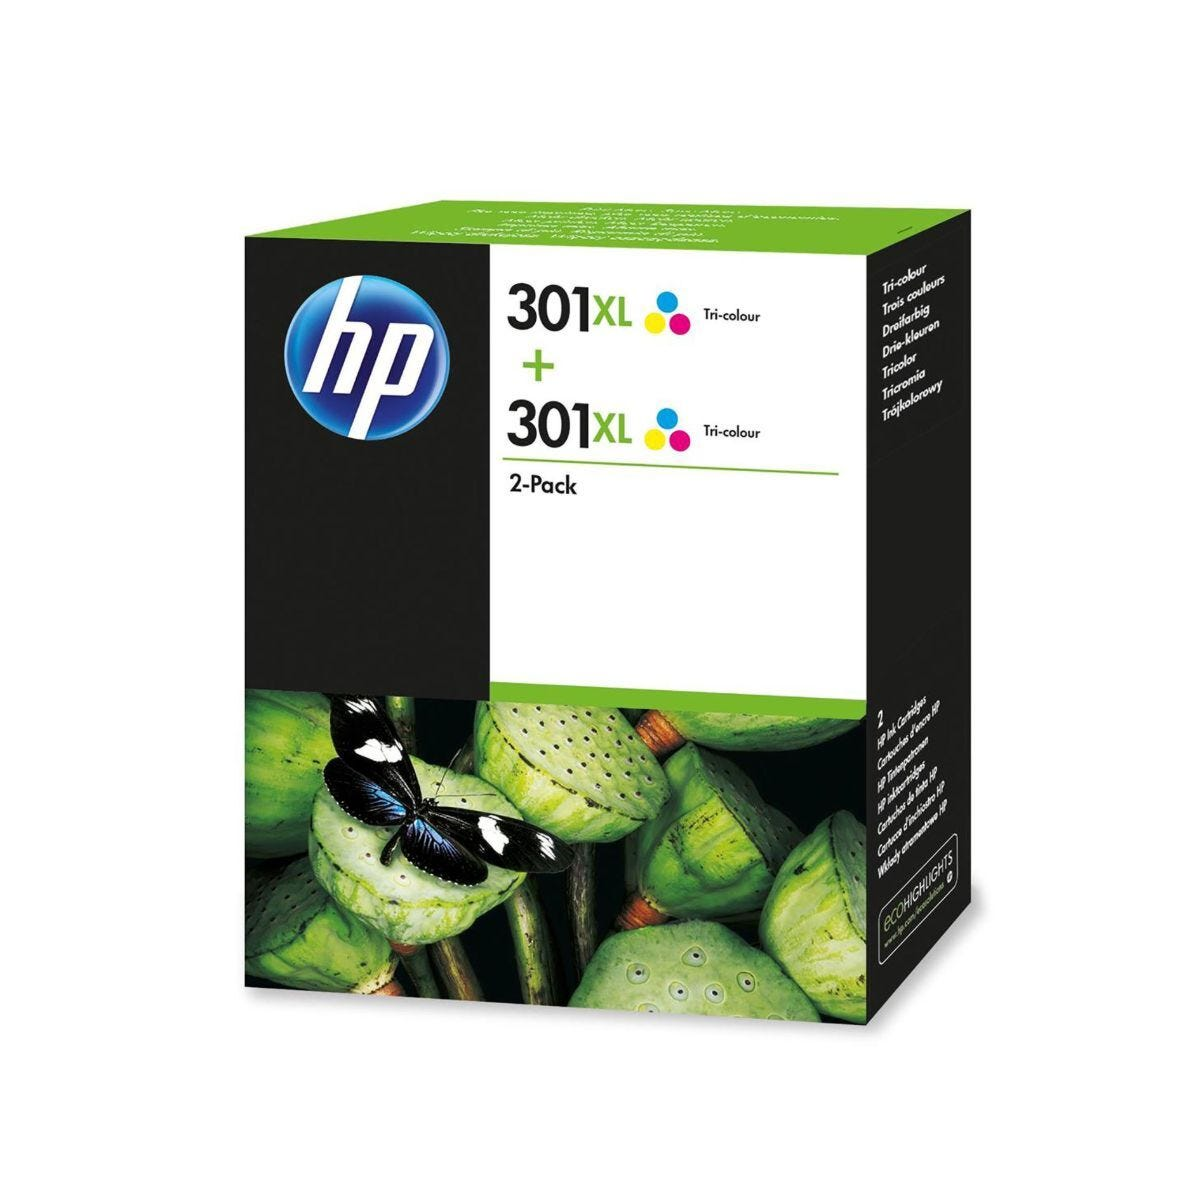 HP 301XL Tri-Colour Twin Pack